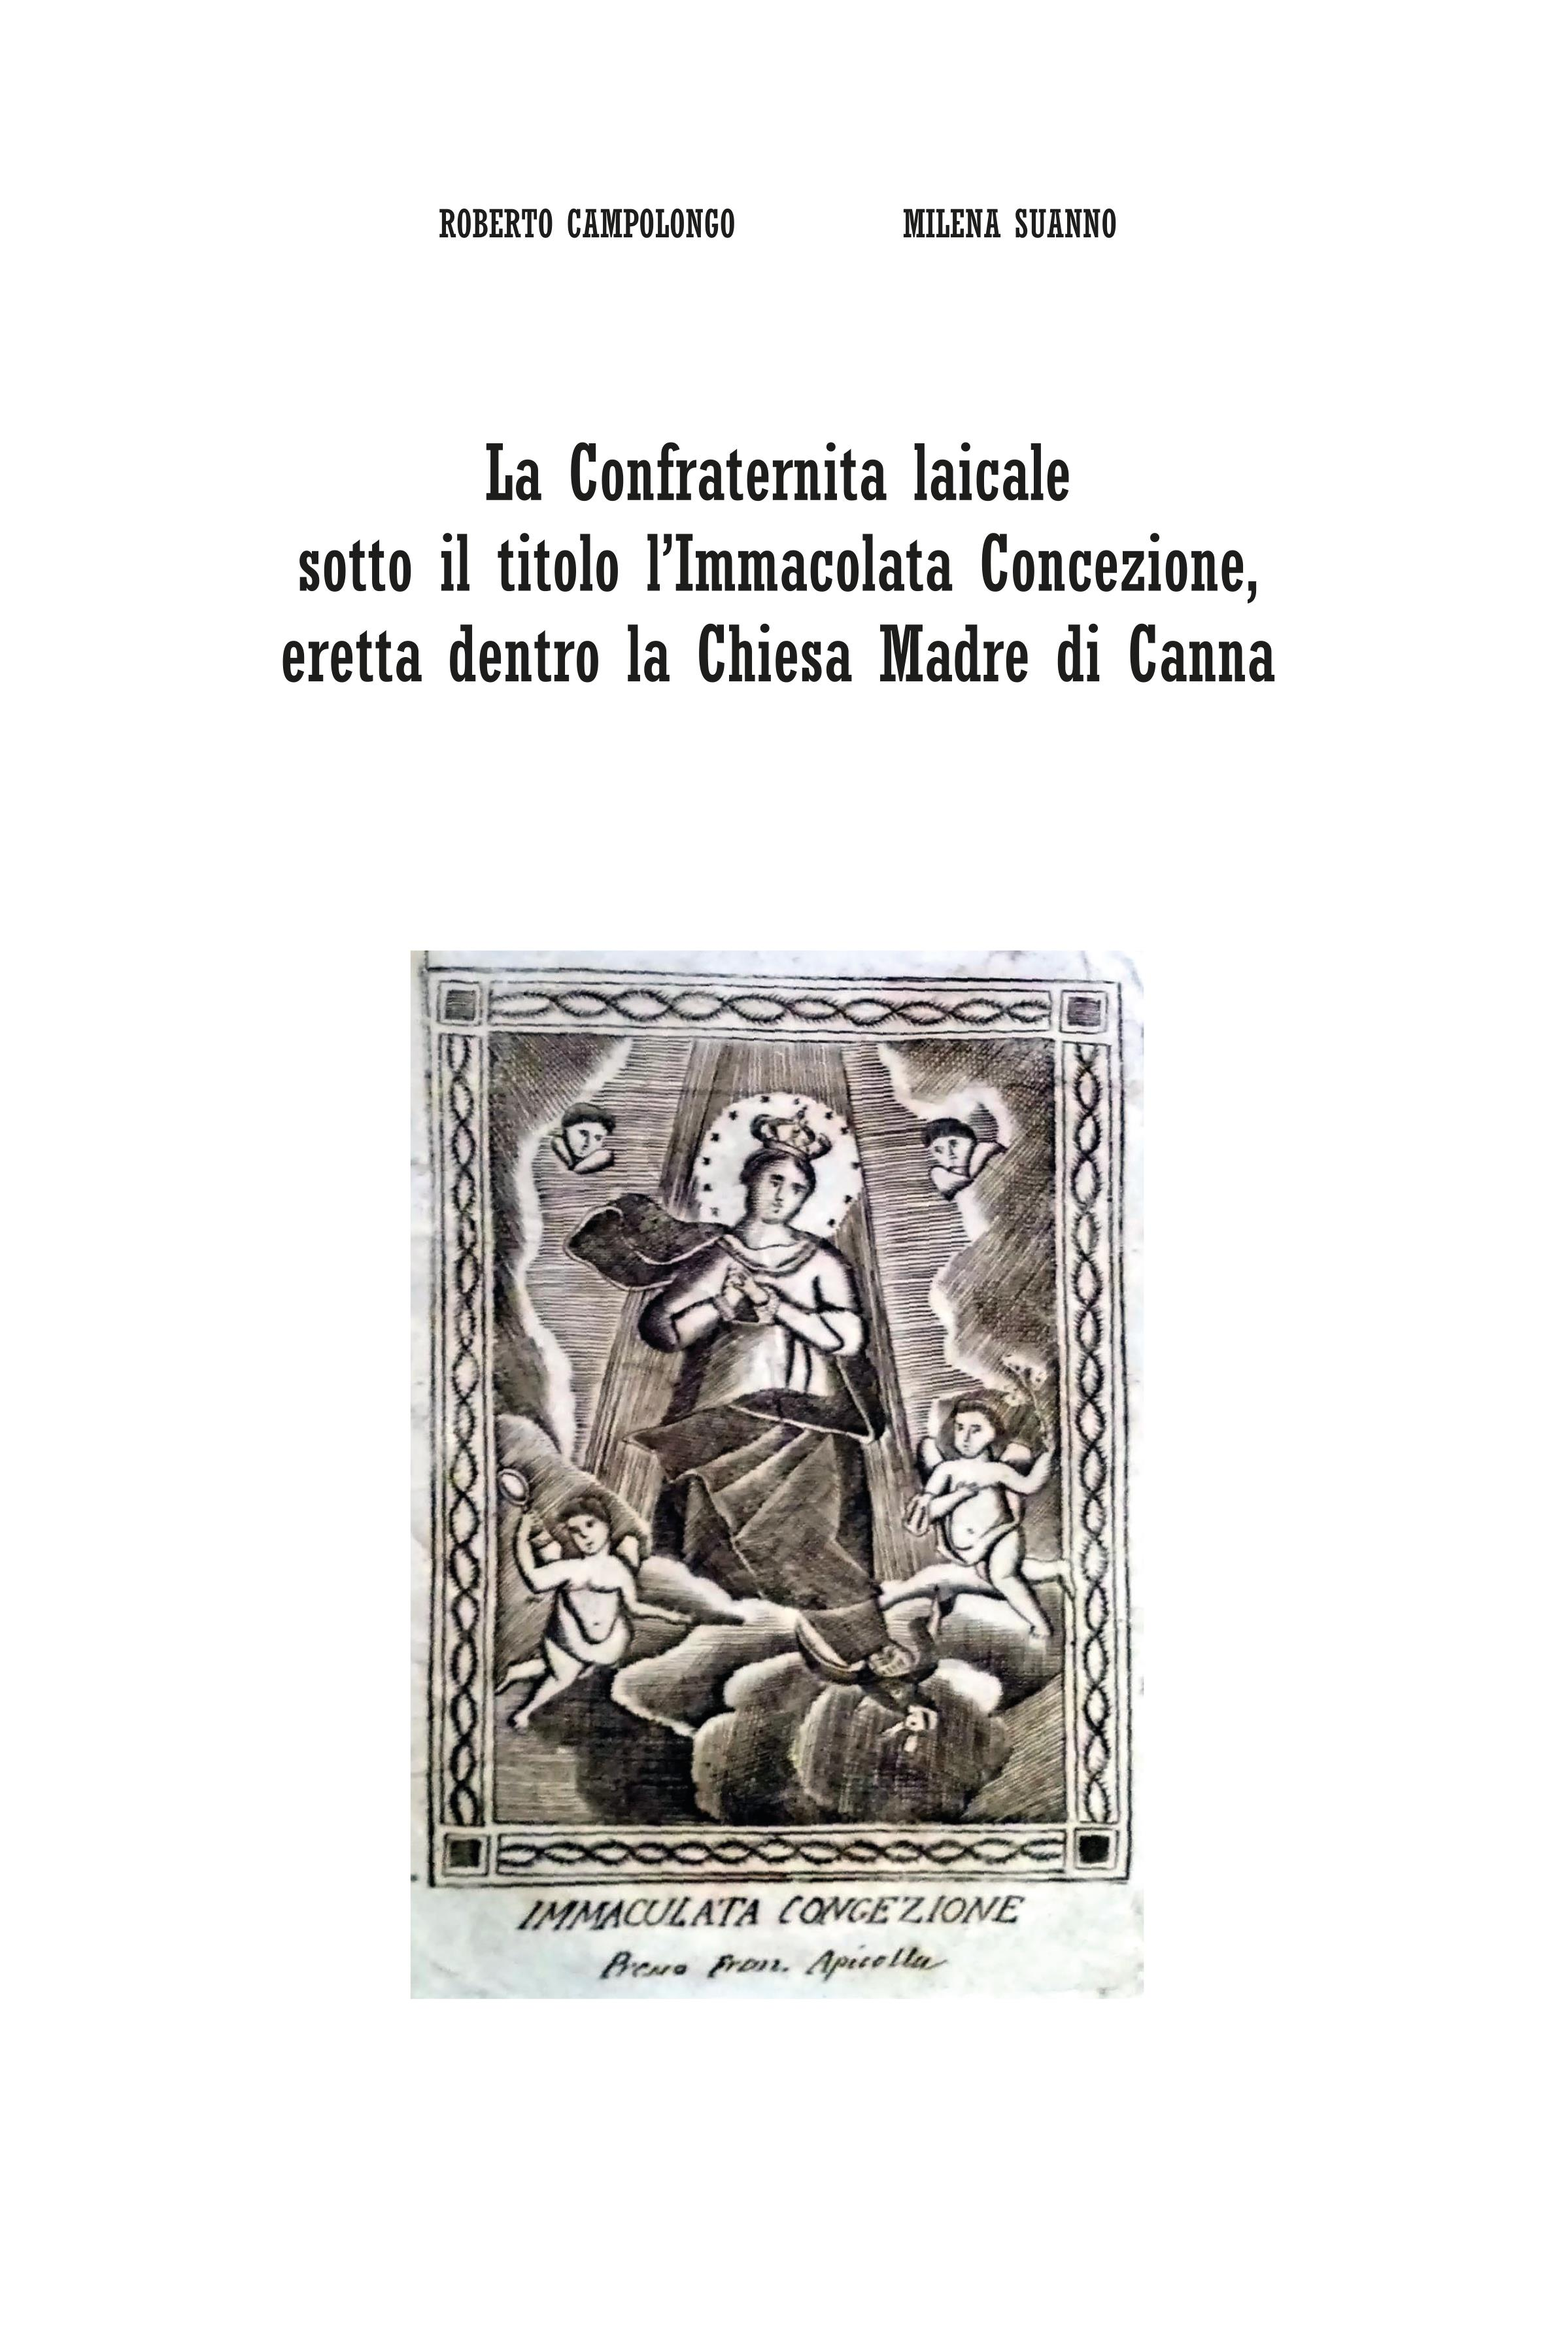 La Confraternita laicale sotto il titolo l'Immacolata Concezione, eretta dentro la Chiesa Madre di Canna